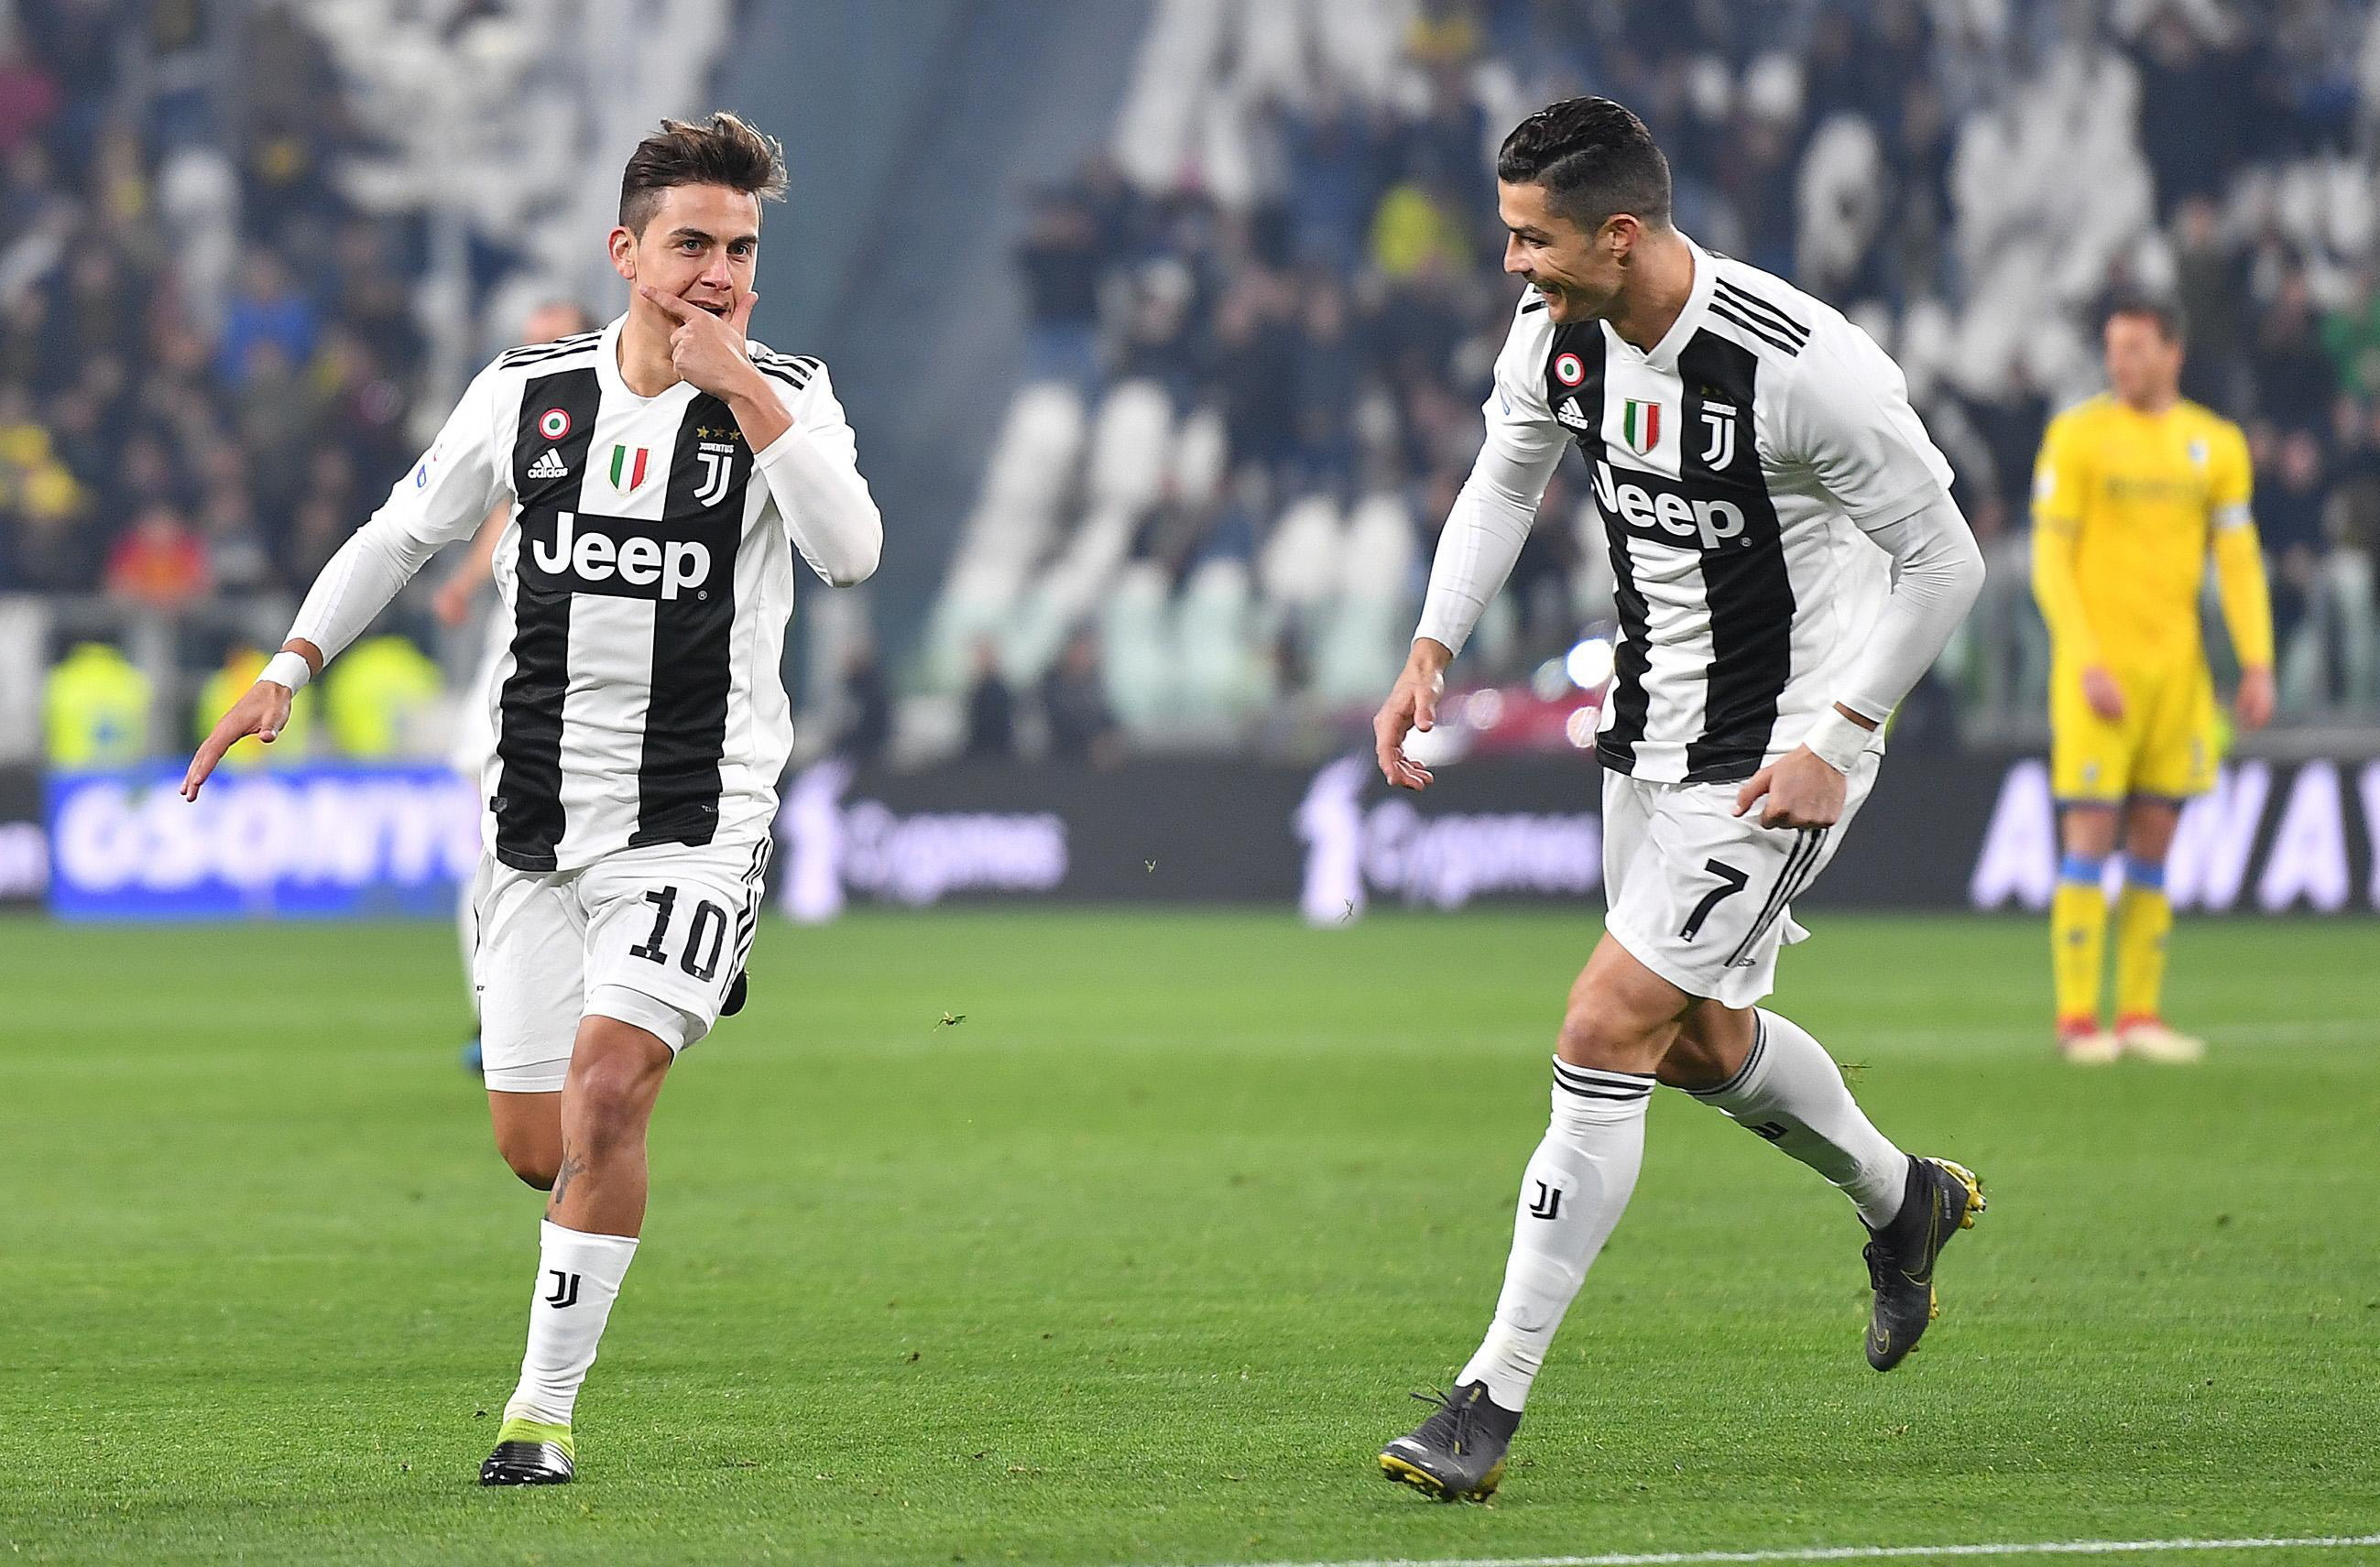 Portugueses lá fora: Ronaldo chegou ao 19.º golo na Série A, Mónaco de Leonardo Jardim já respira melhor, Ivan Cavaleiro em destaque no 'Wolves'